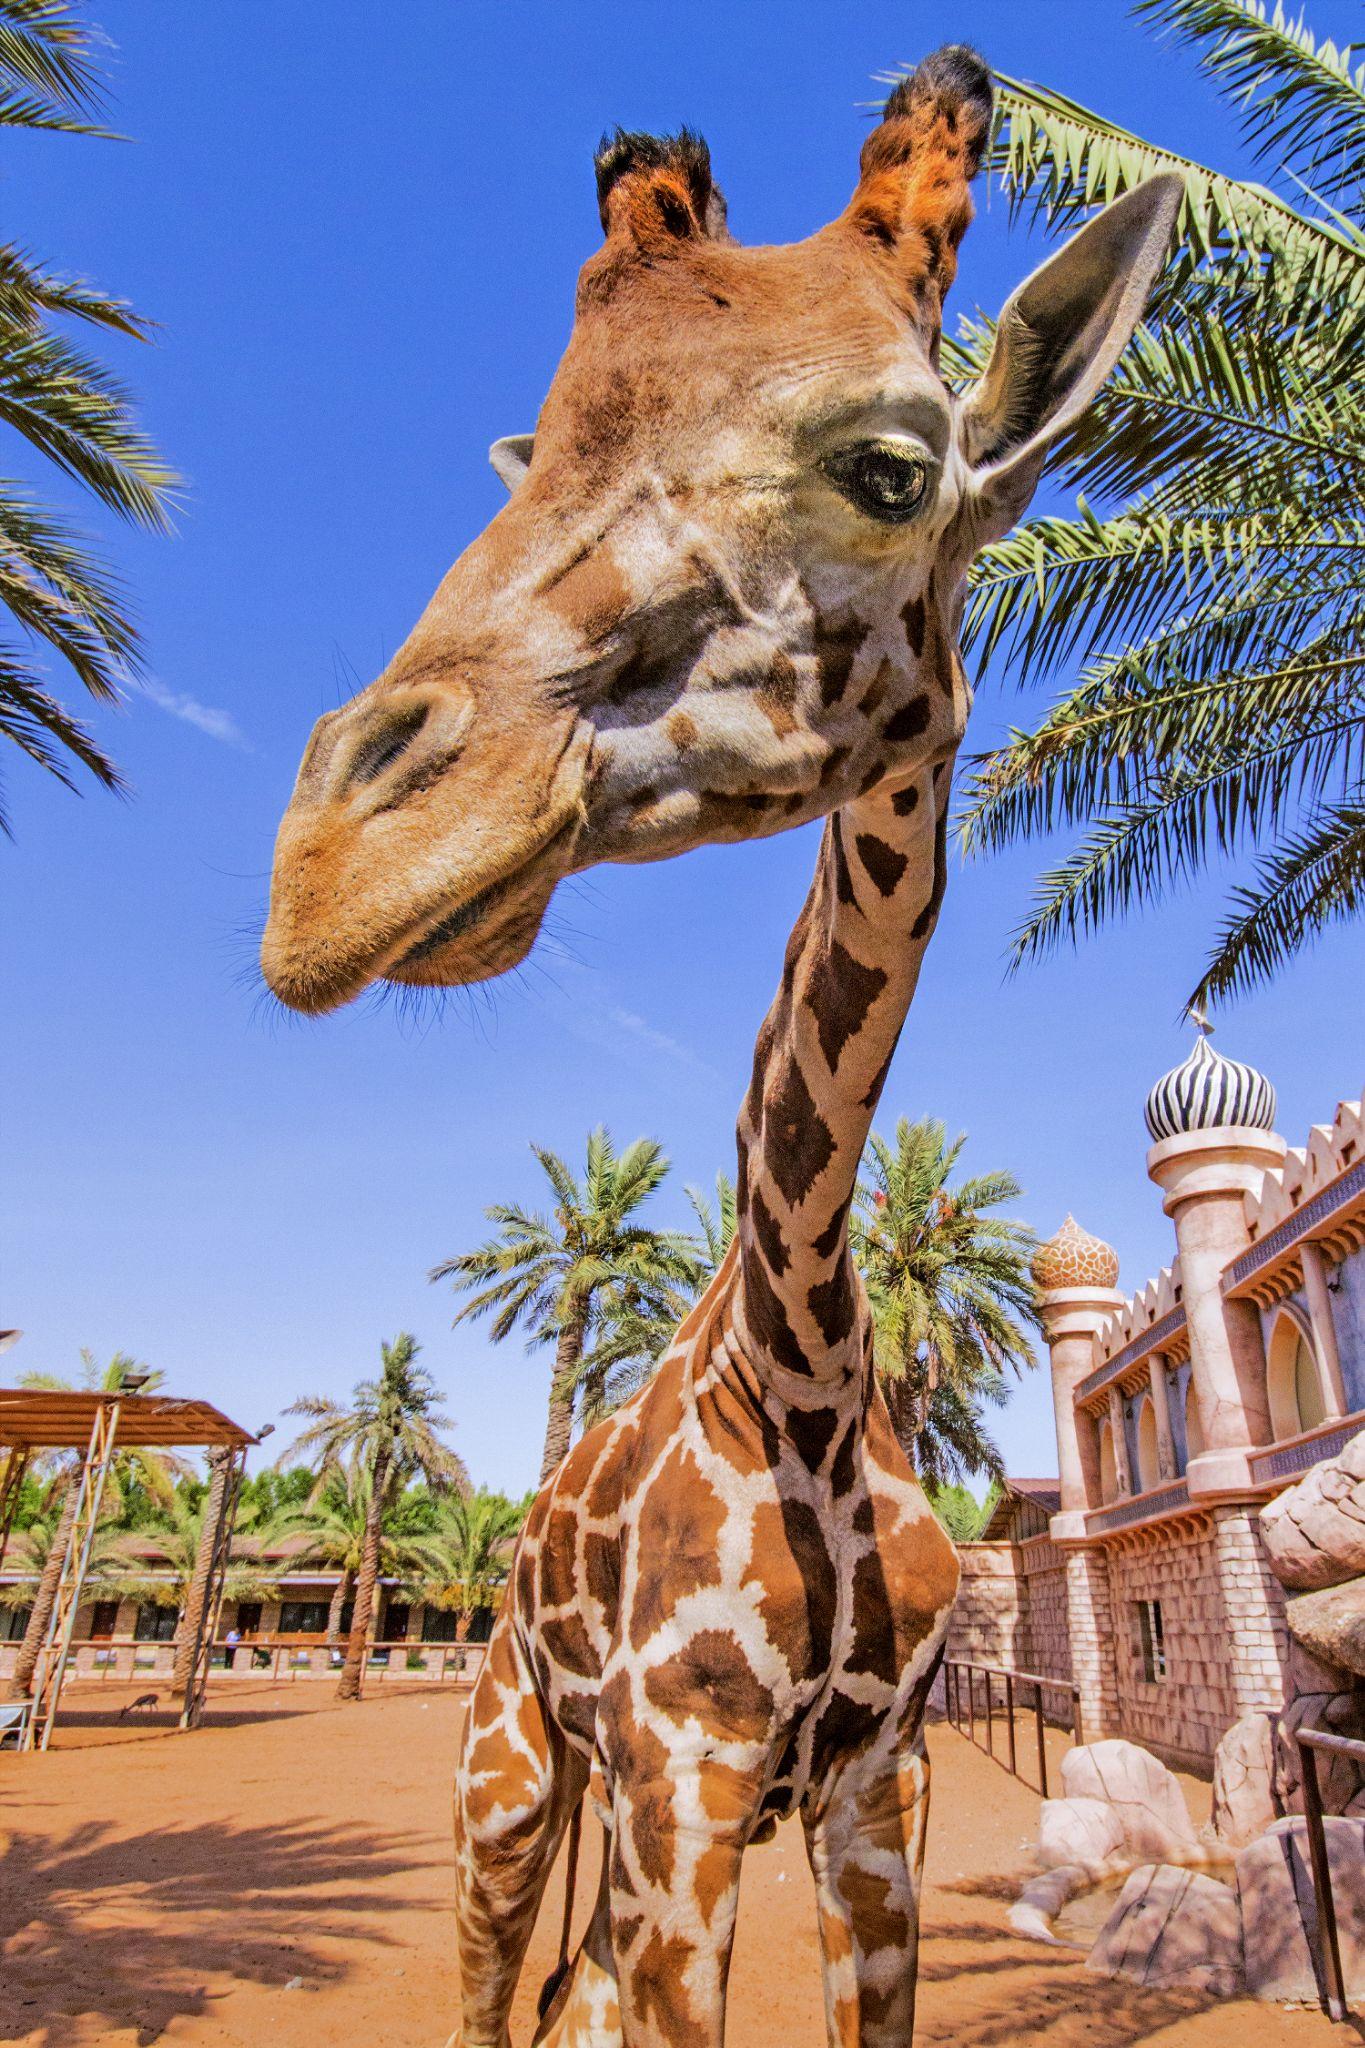 Giraffe by Arslan Mughal